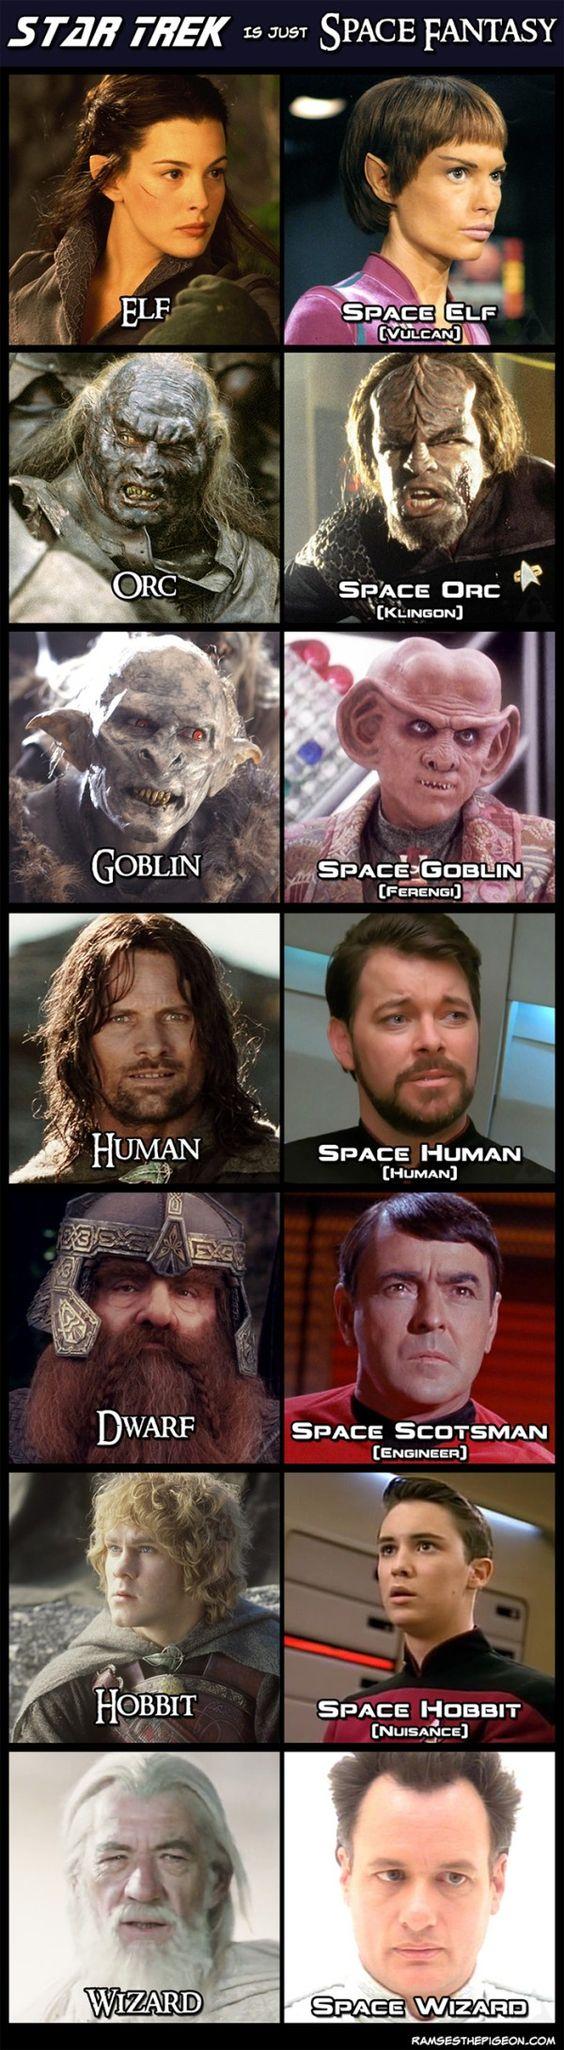 Star Trek (Tuck's worlds) 3961b3772a90711138ba335ba72a419e